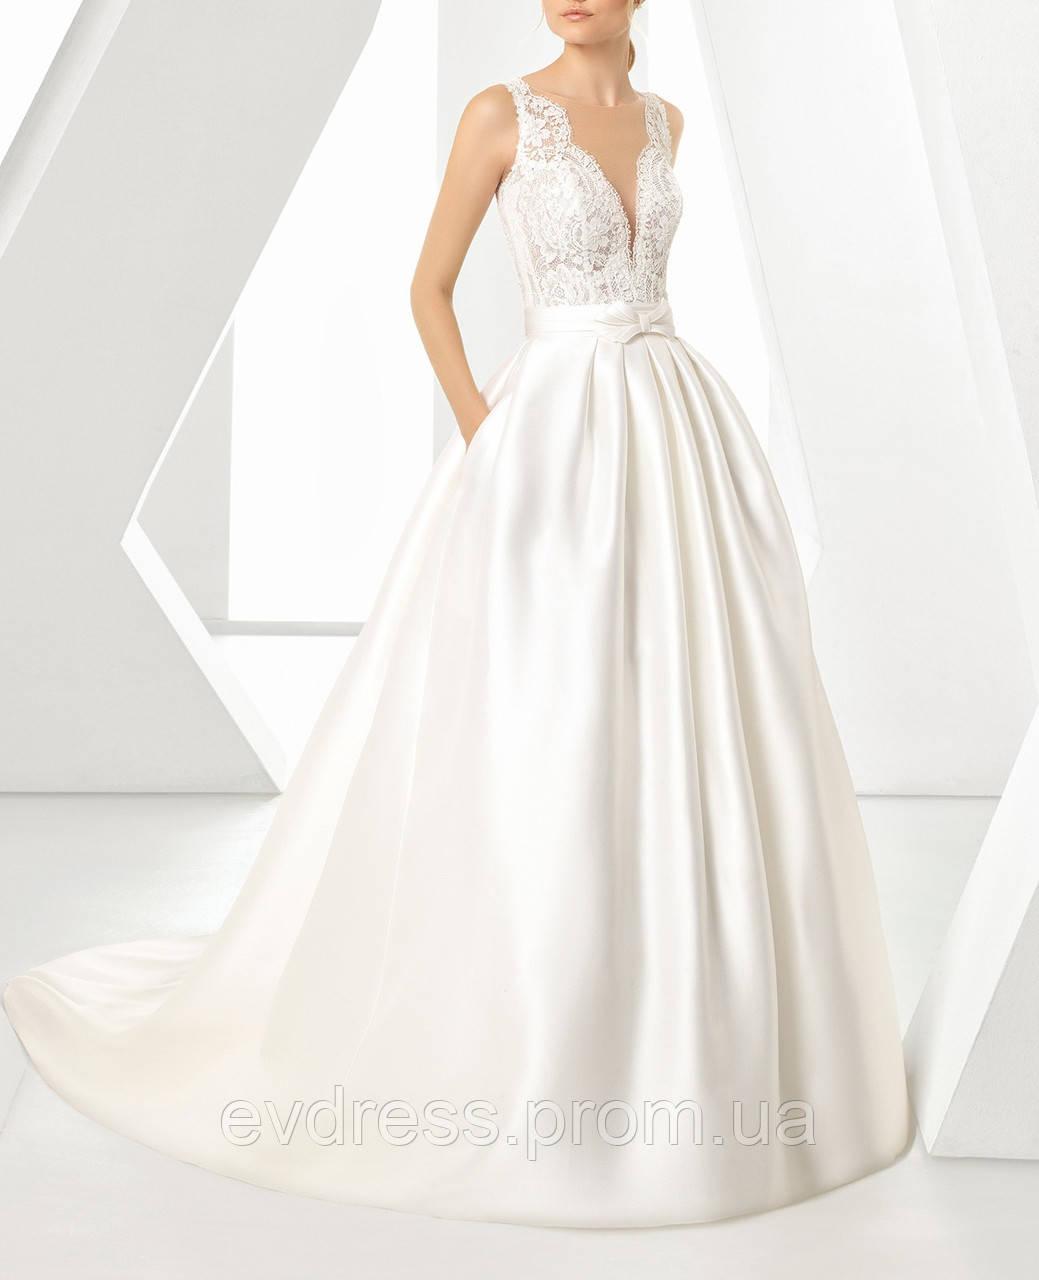 e71877bb77e Пышное атласное свадебное платье А-силуэта с кружевом и карманами СВ-6812 -  Интернет